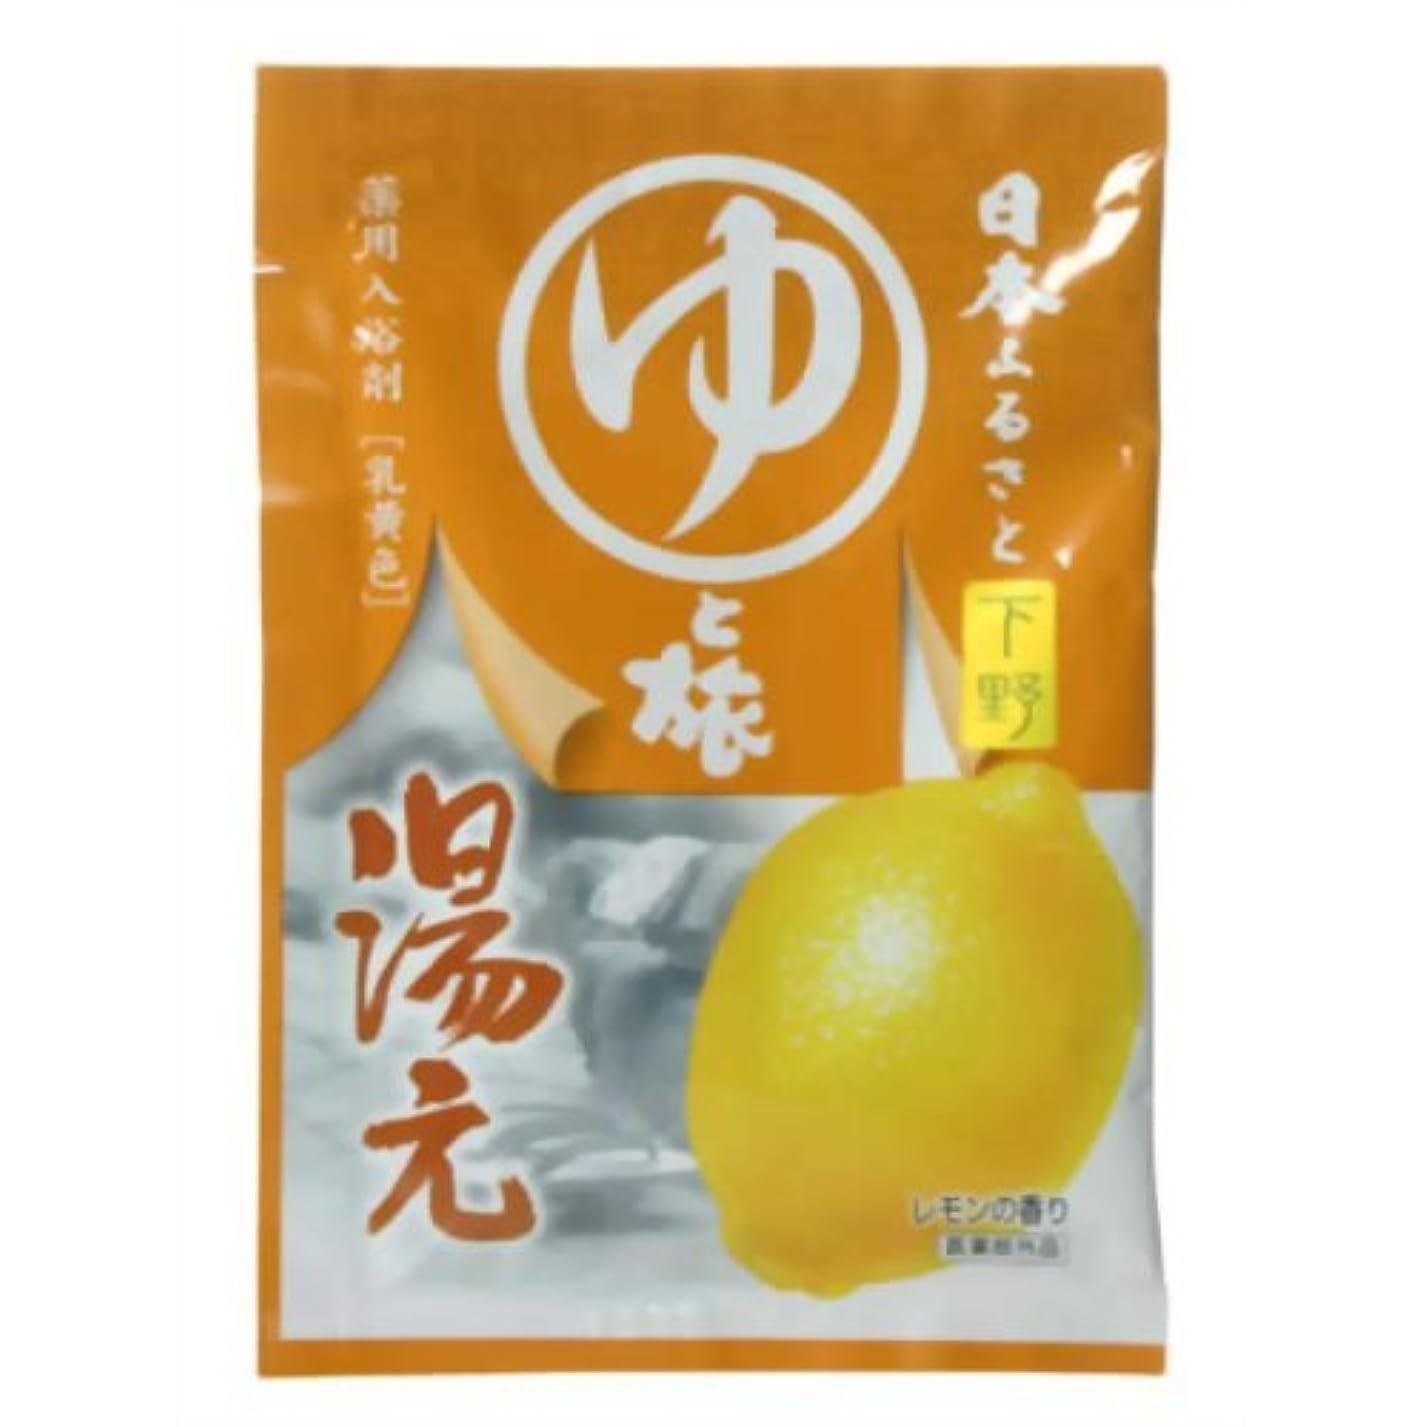 着実に光沢のあるナースヤマサキの入浴剤シリーズ 湯元(入浴剤)